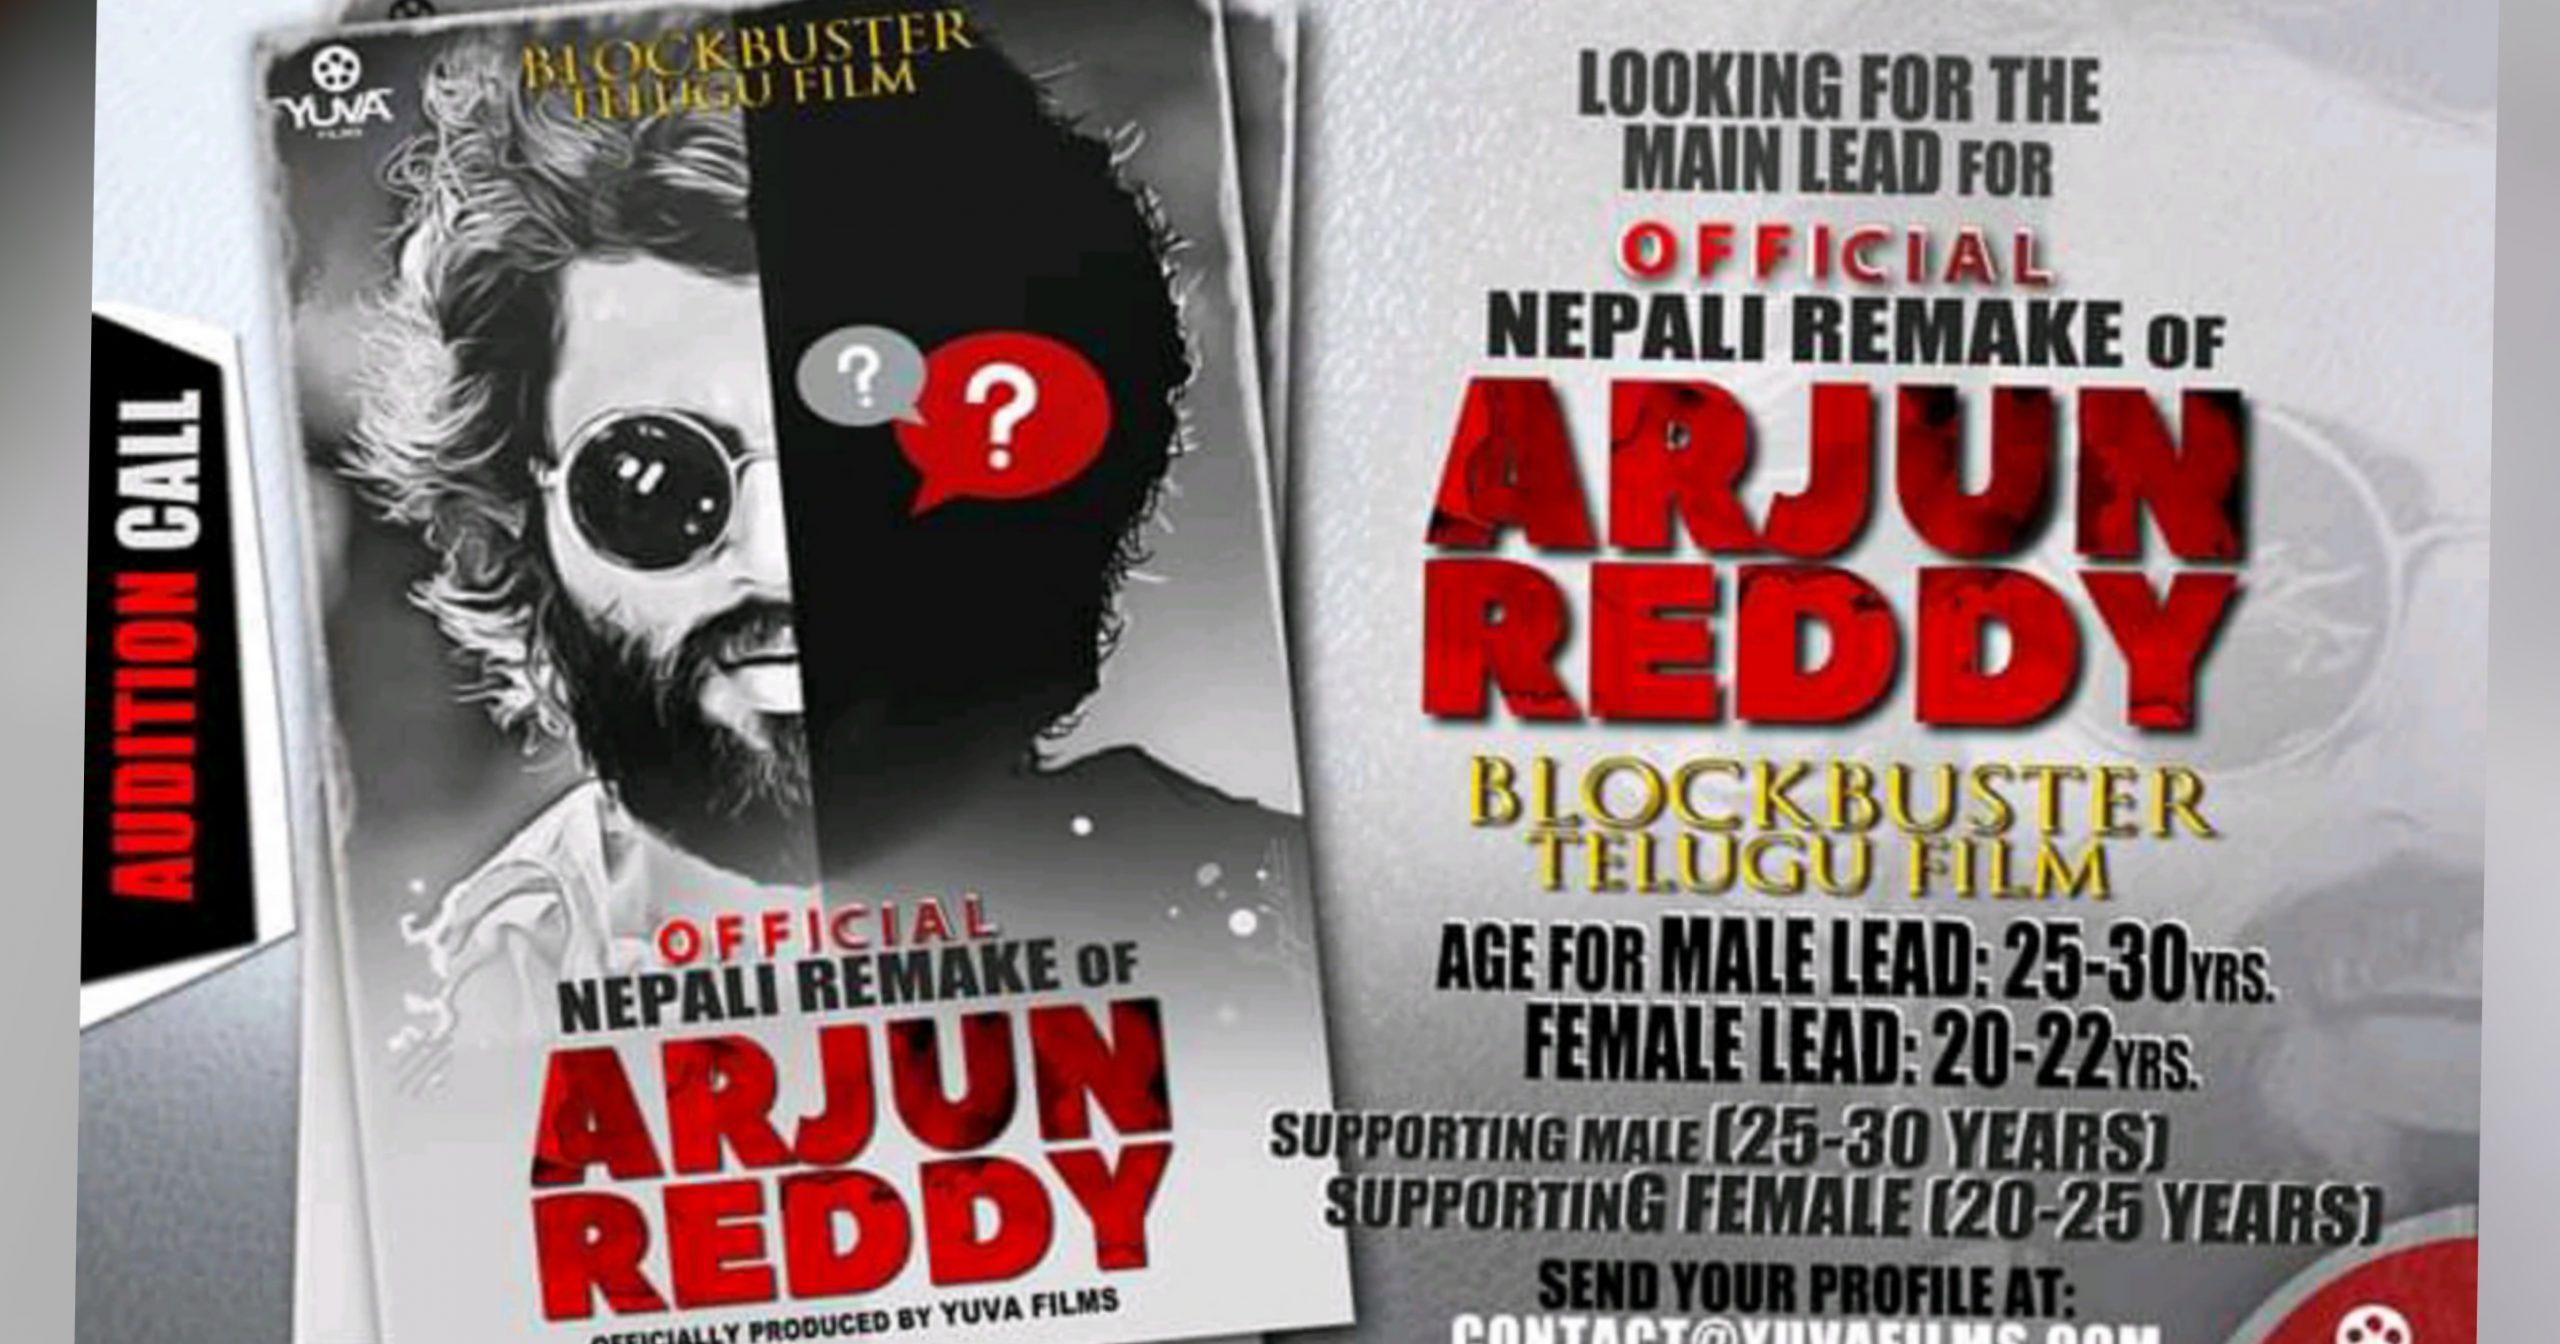 'अर्जुन रेड्डी' नेपाली भर्सनको लिड कलाकारका लागि अडिसन हुँदै